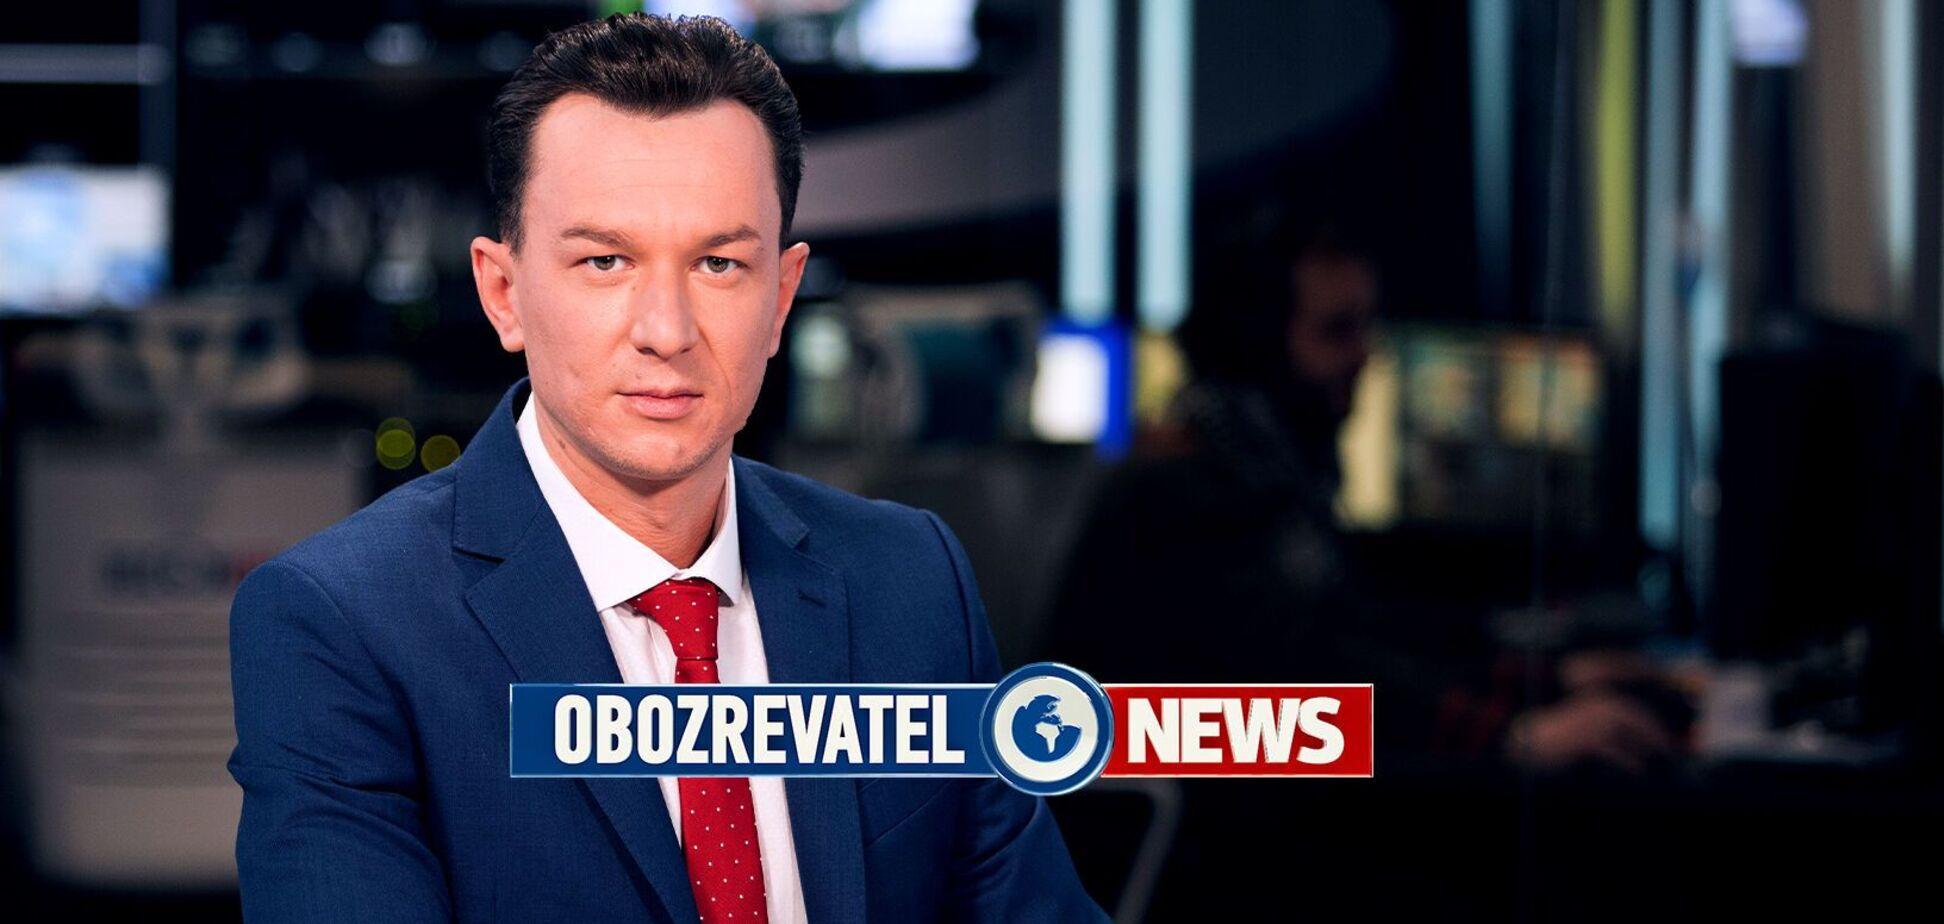 Байден в Европе, карантин ослабили, пополнения на 'Площади Звезд', – основные темы короткого обзора новостей